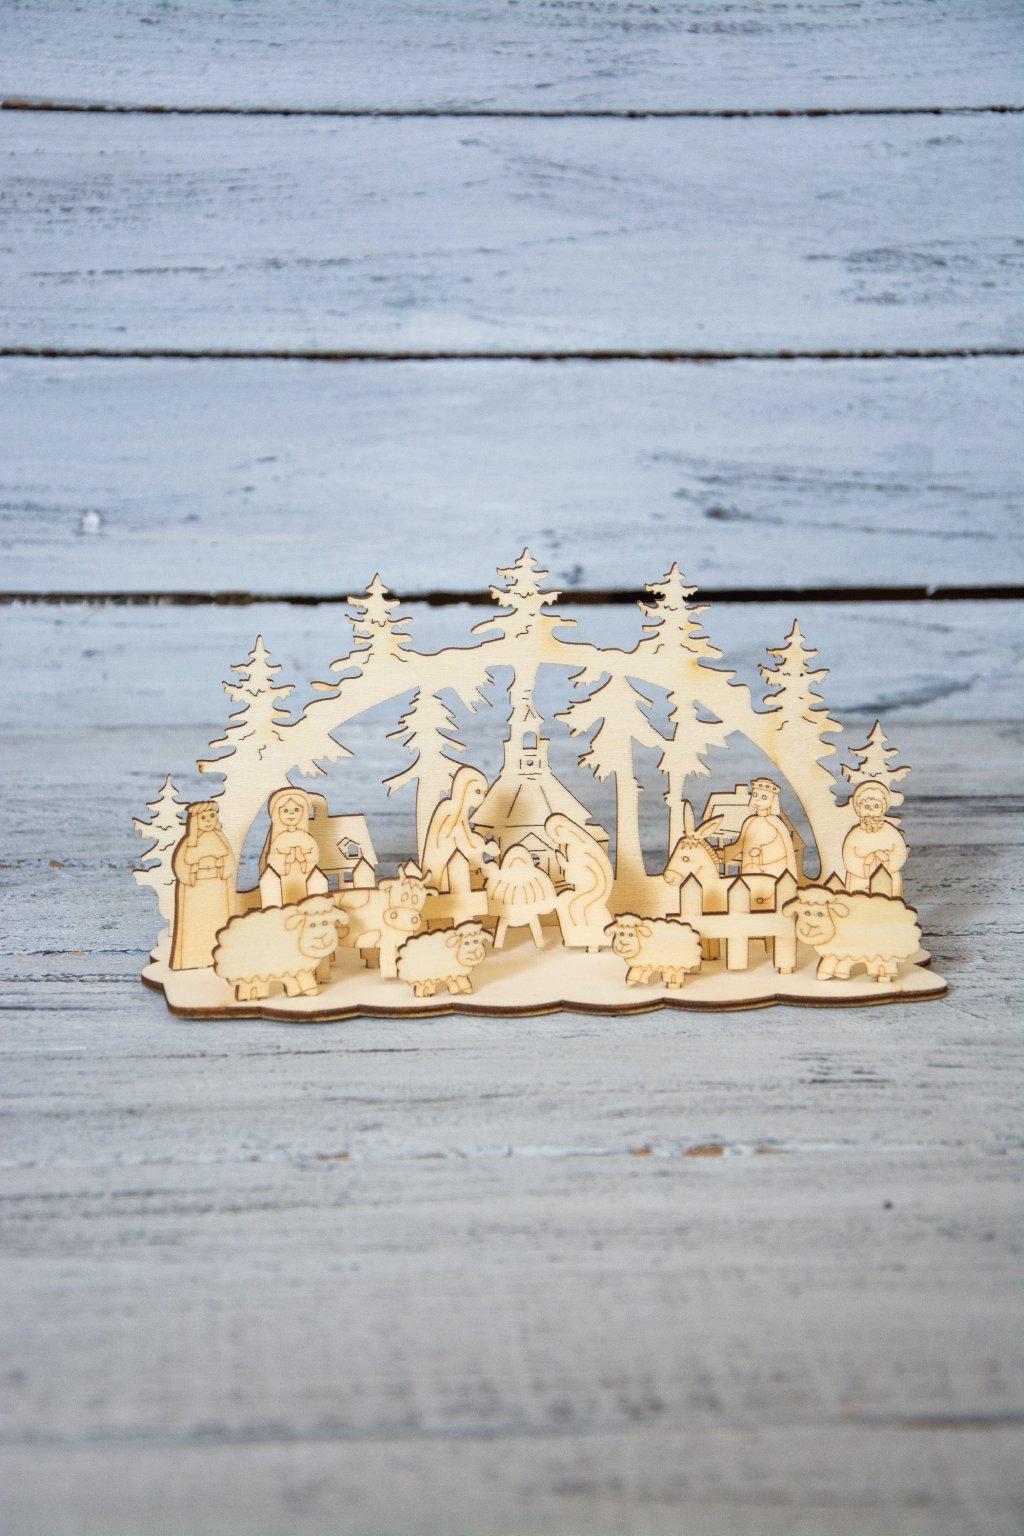 Dřevěný betlém.  Rozměr 20,5 x 10,5 cm.  Dodáván rozložený.